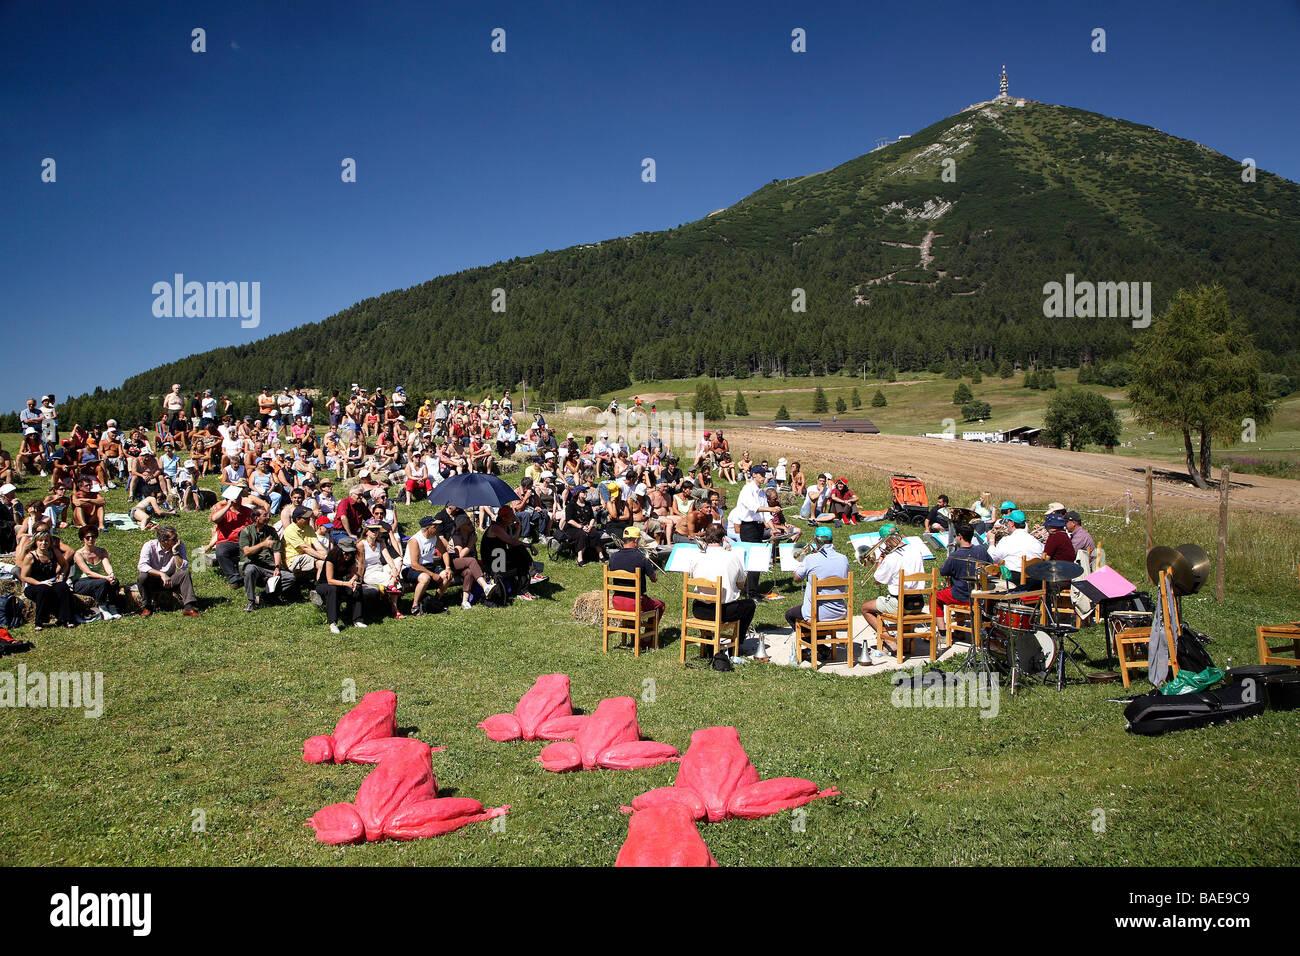 Terrazza delle stelle, I concerti delle Dolomiti feast , Trentino ...